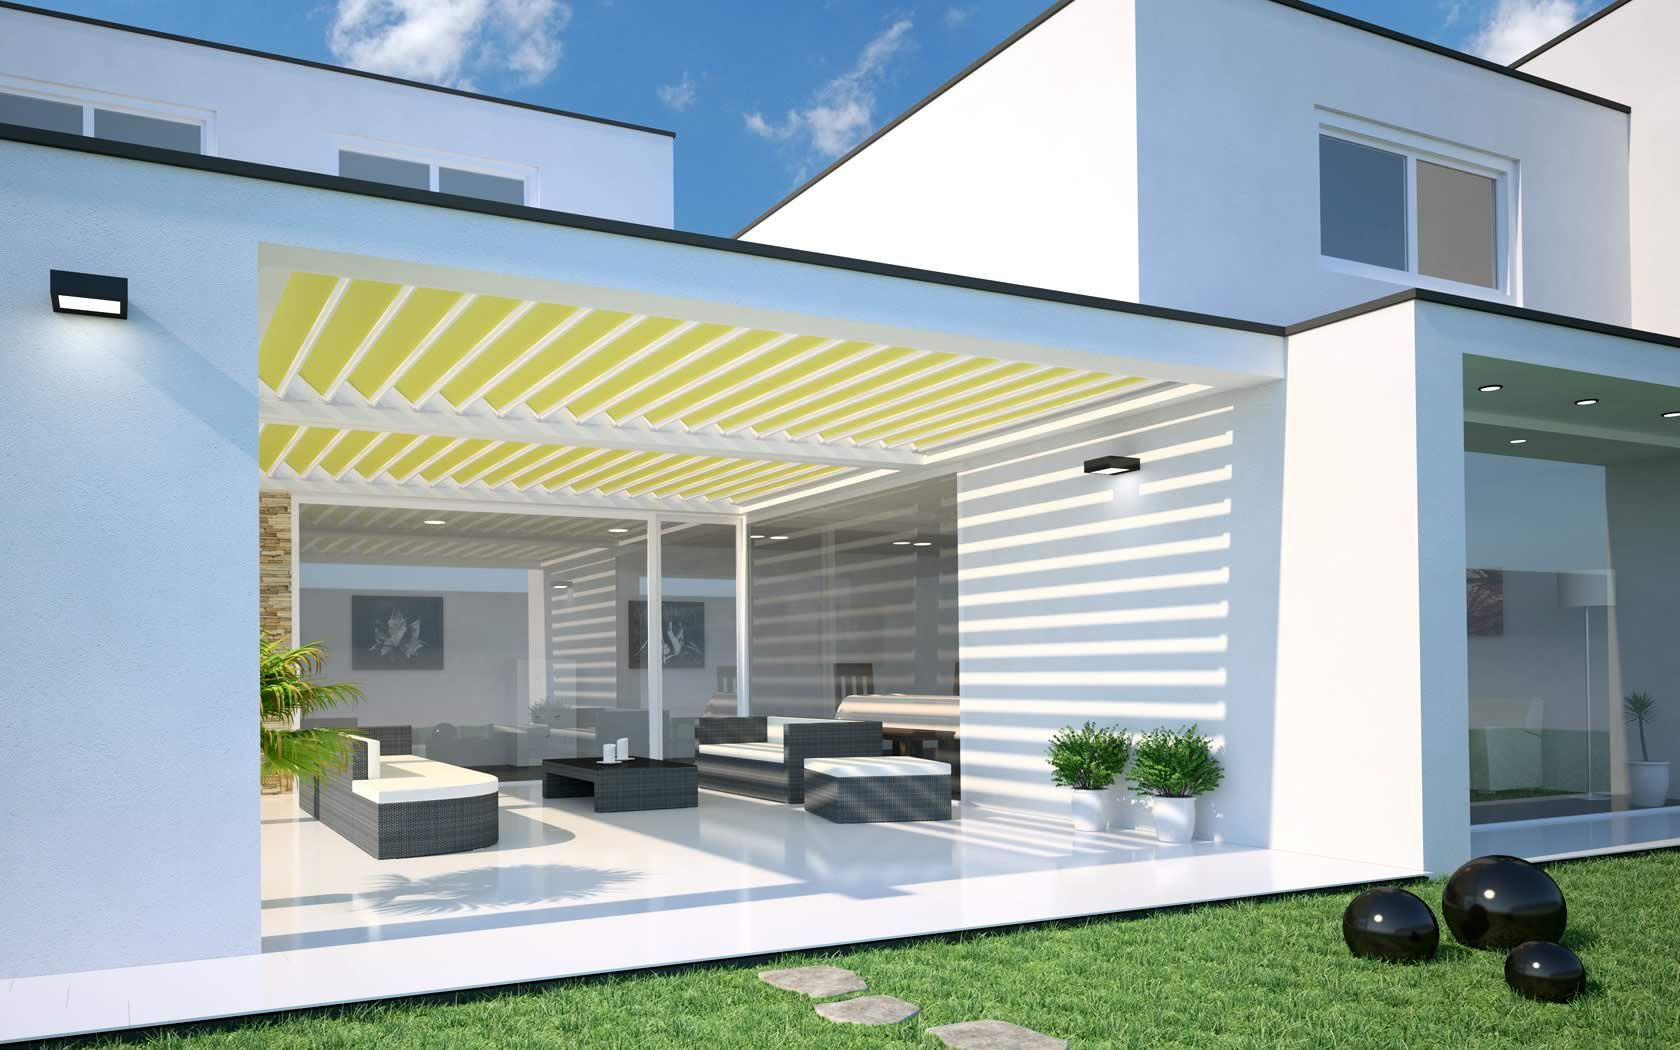 terrassenüberdachung von fledmex unter | fledmex, Gartengerate ideen